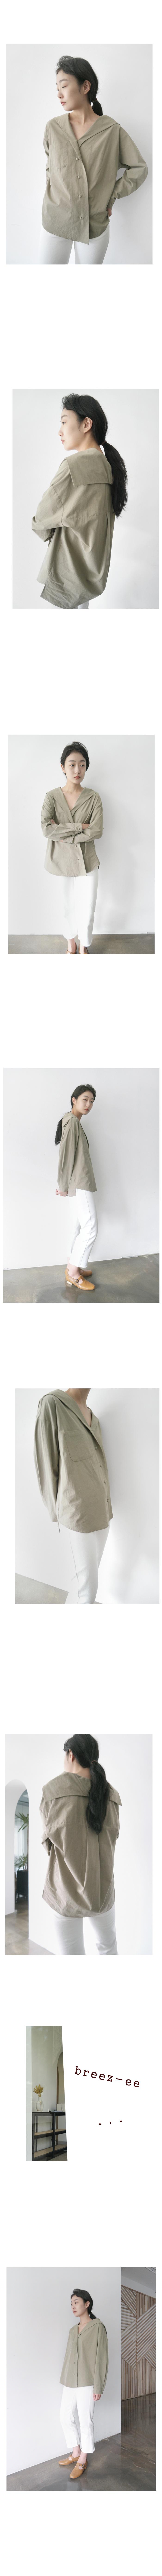 cut-off slim fit cotton pants